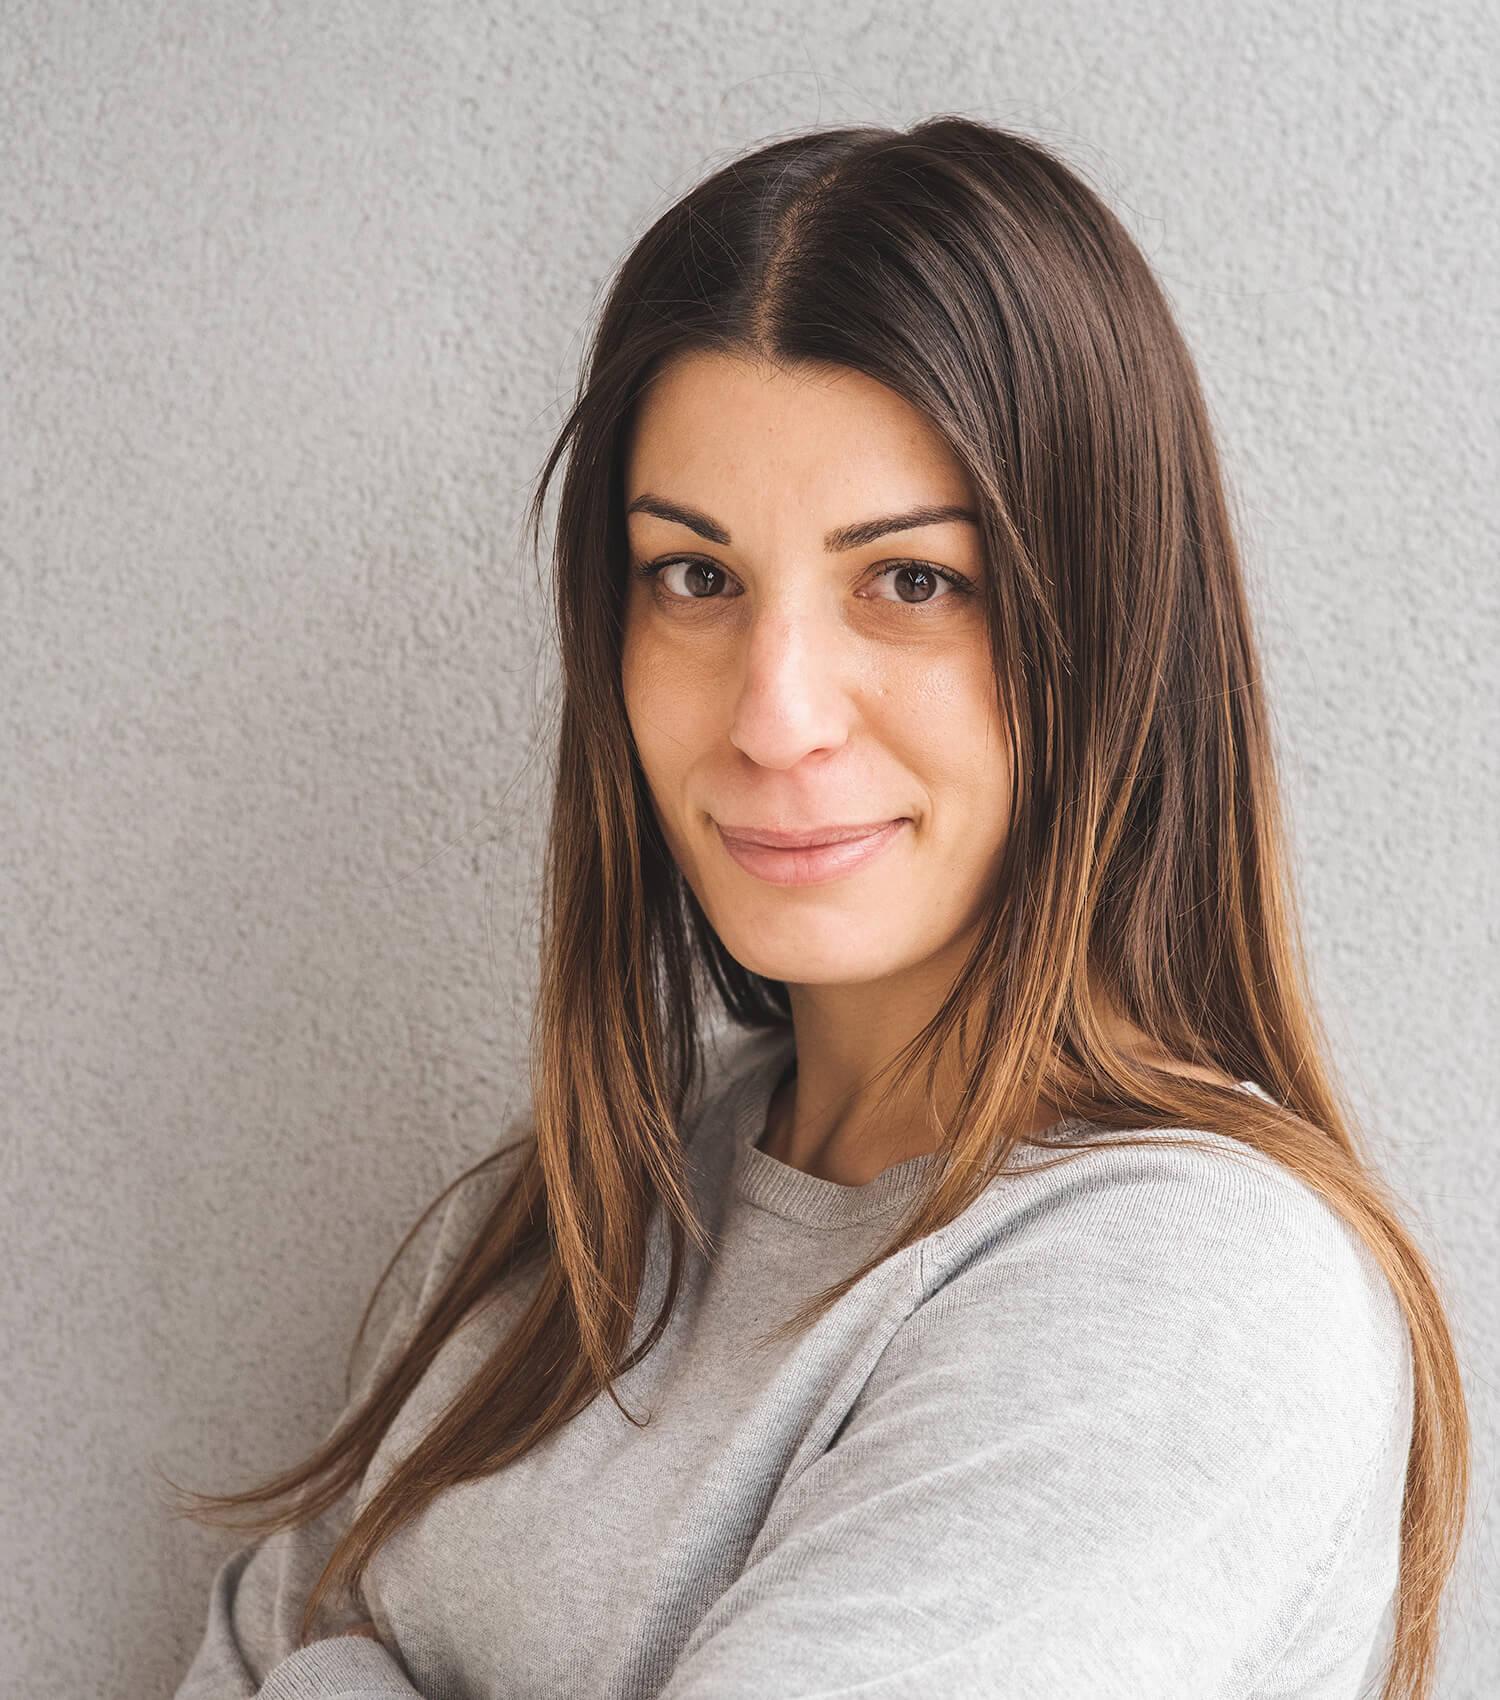 Ελίνα Κυρμιτζόγλου - Δημιουργική ΕΠΕ